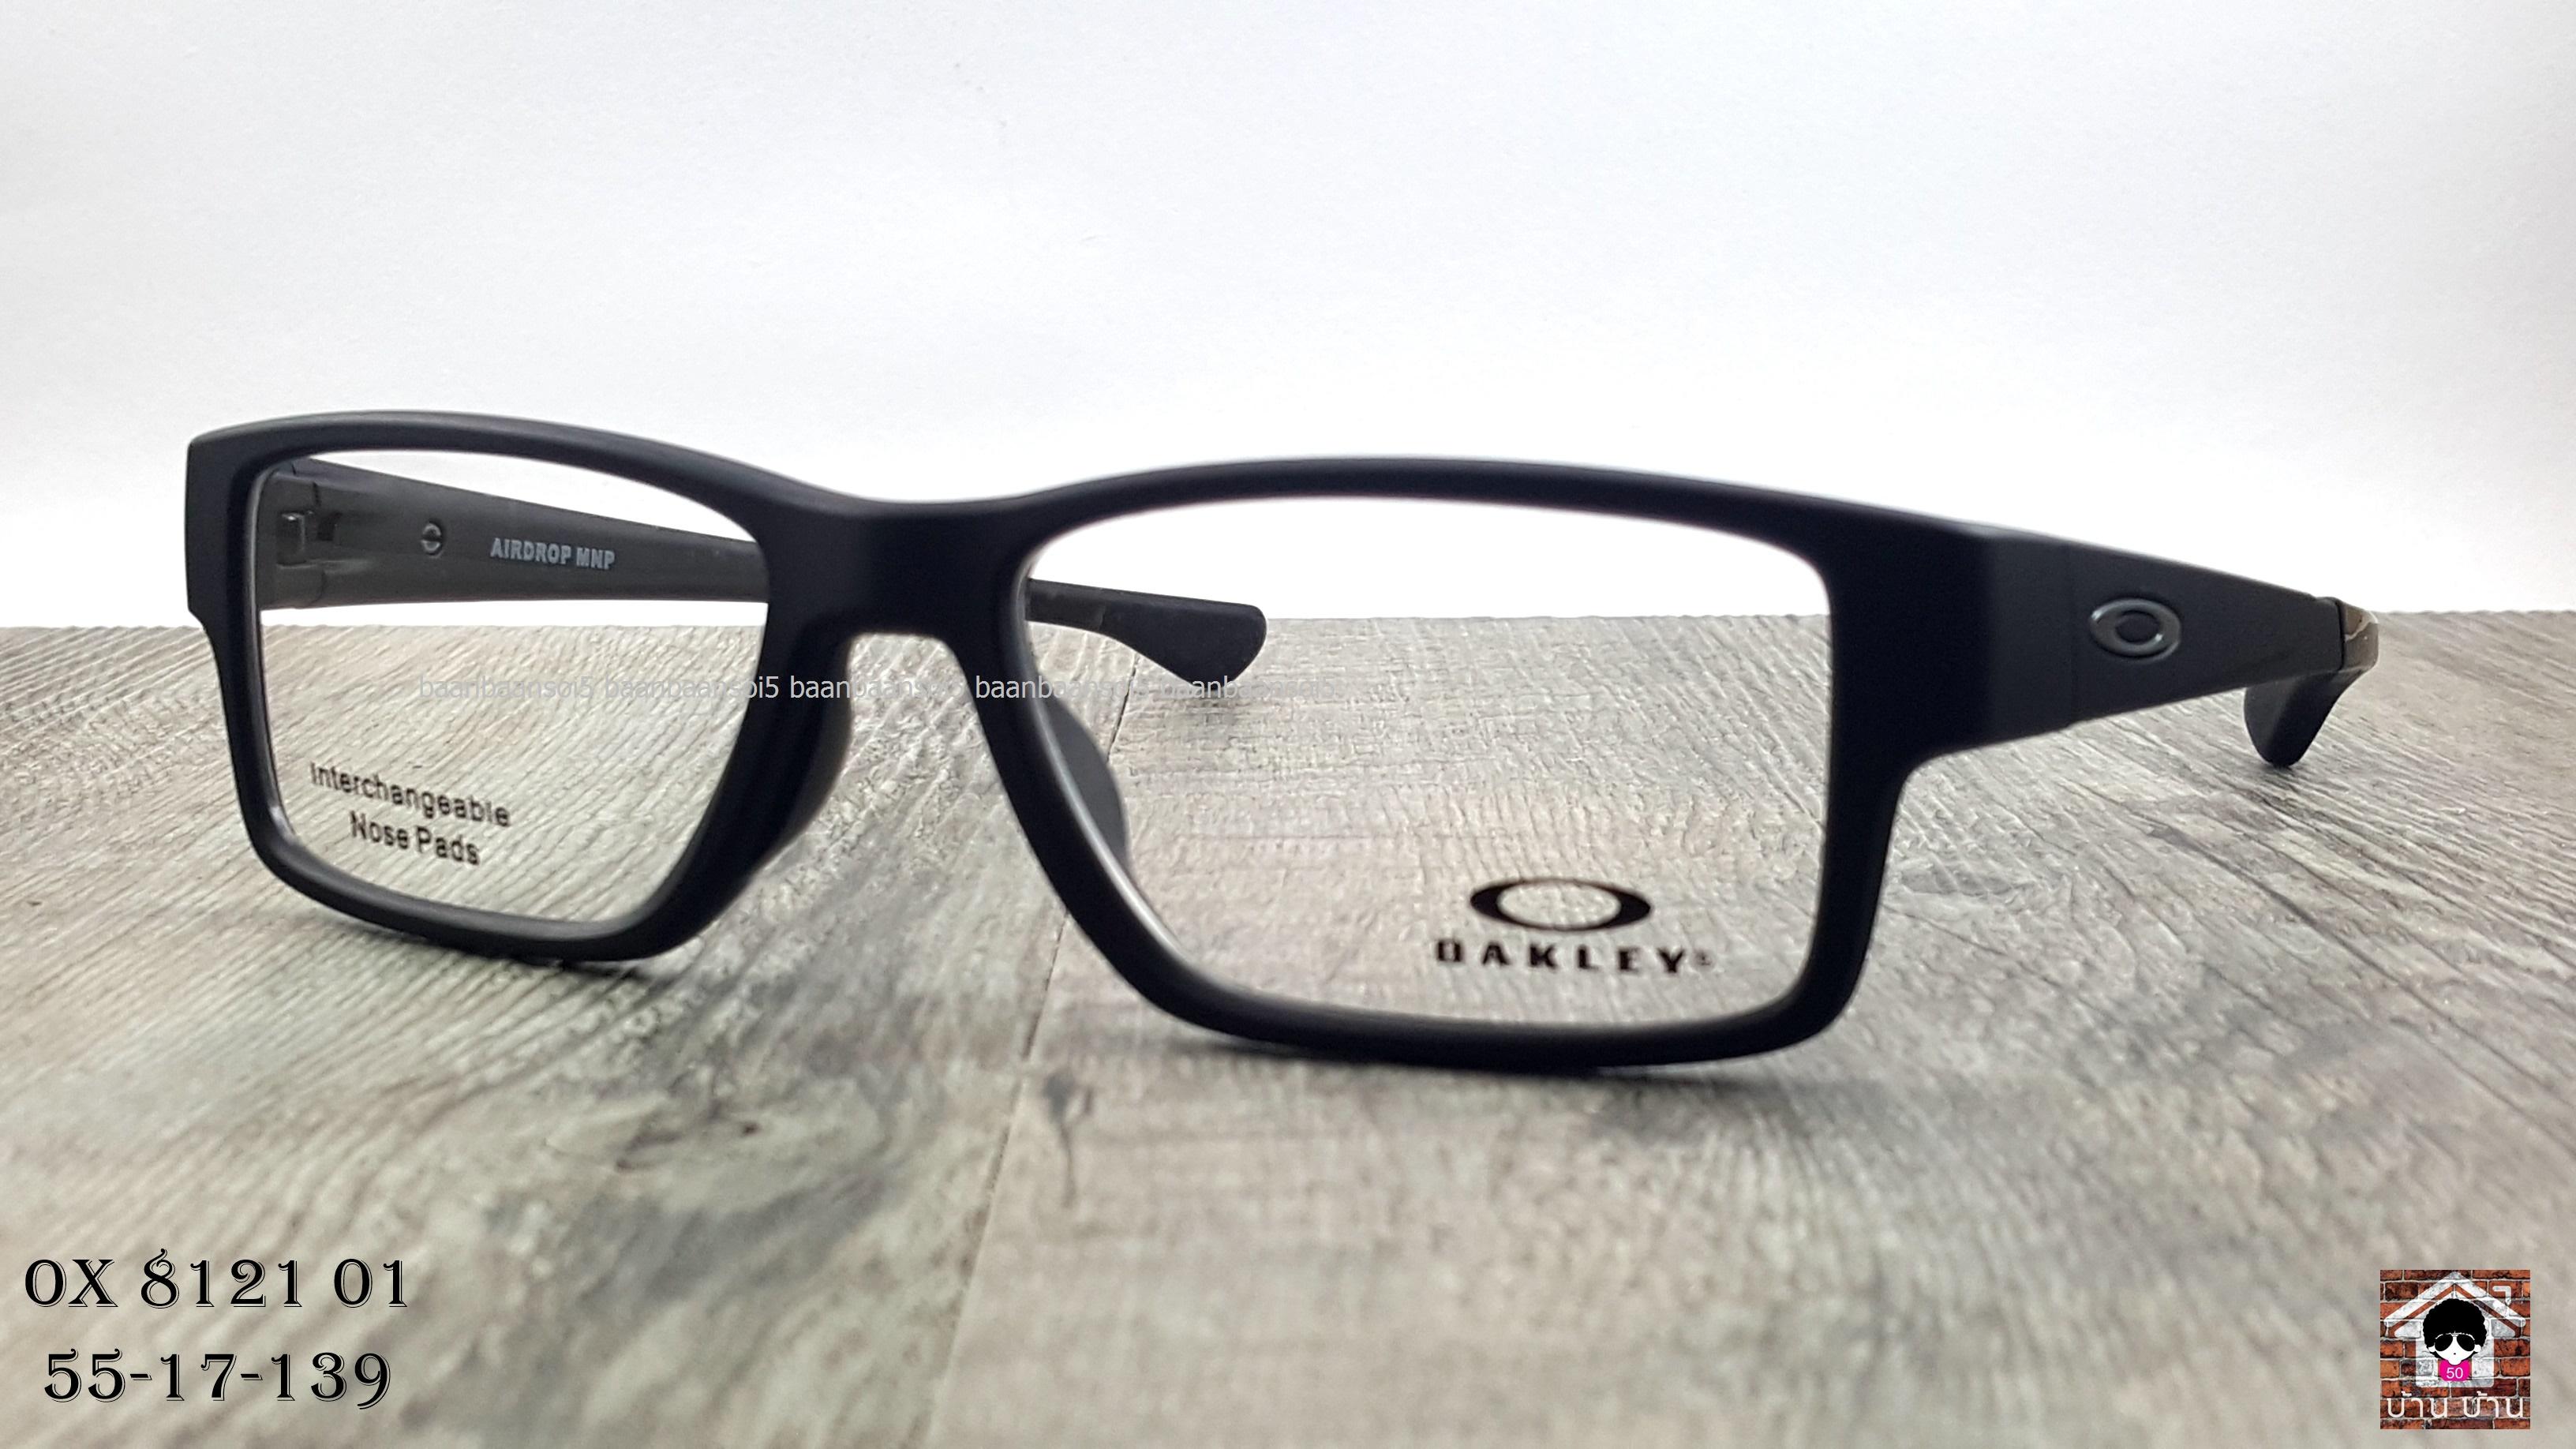 Oakley OX8121-01 Airdrop MNP โปรโมชั่น กรอบแว่นตาพร้อมเลนส์ HOYA ราคา 4,700 บาท